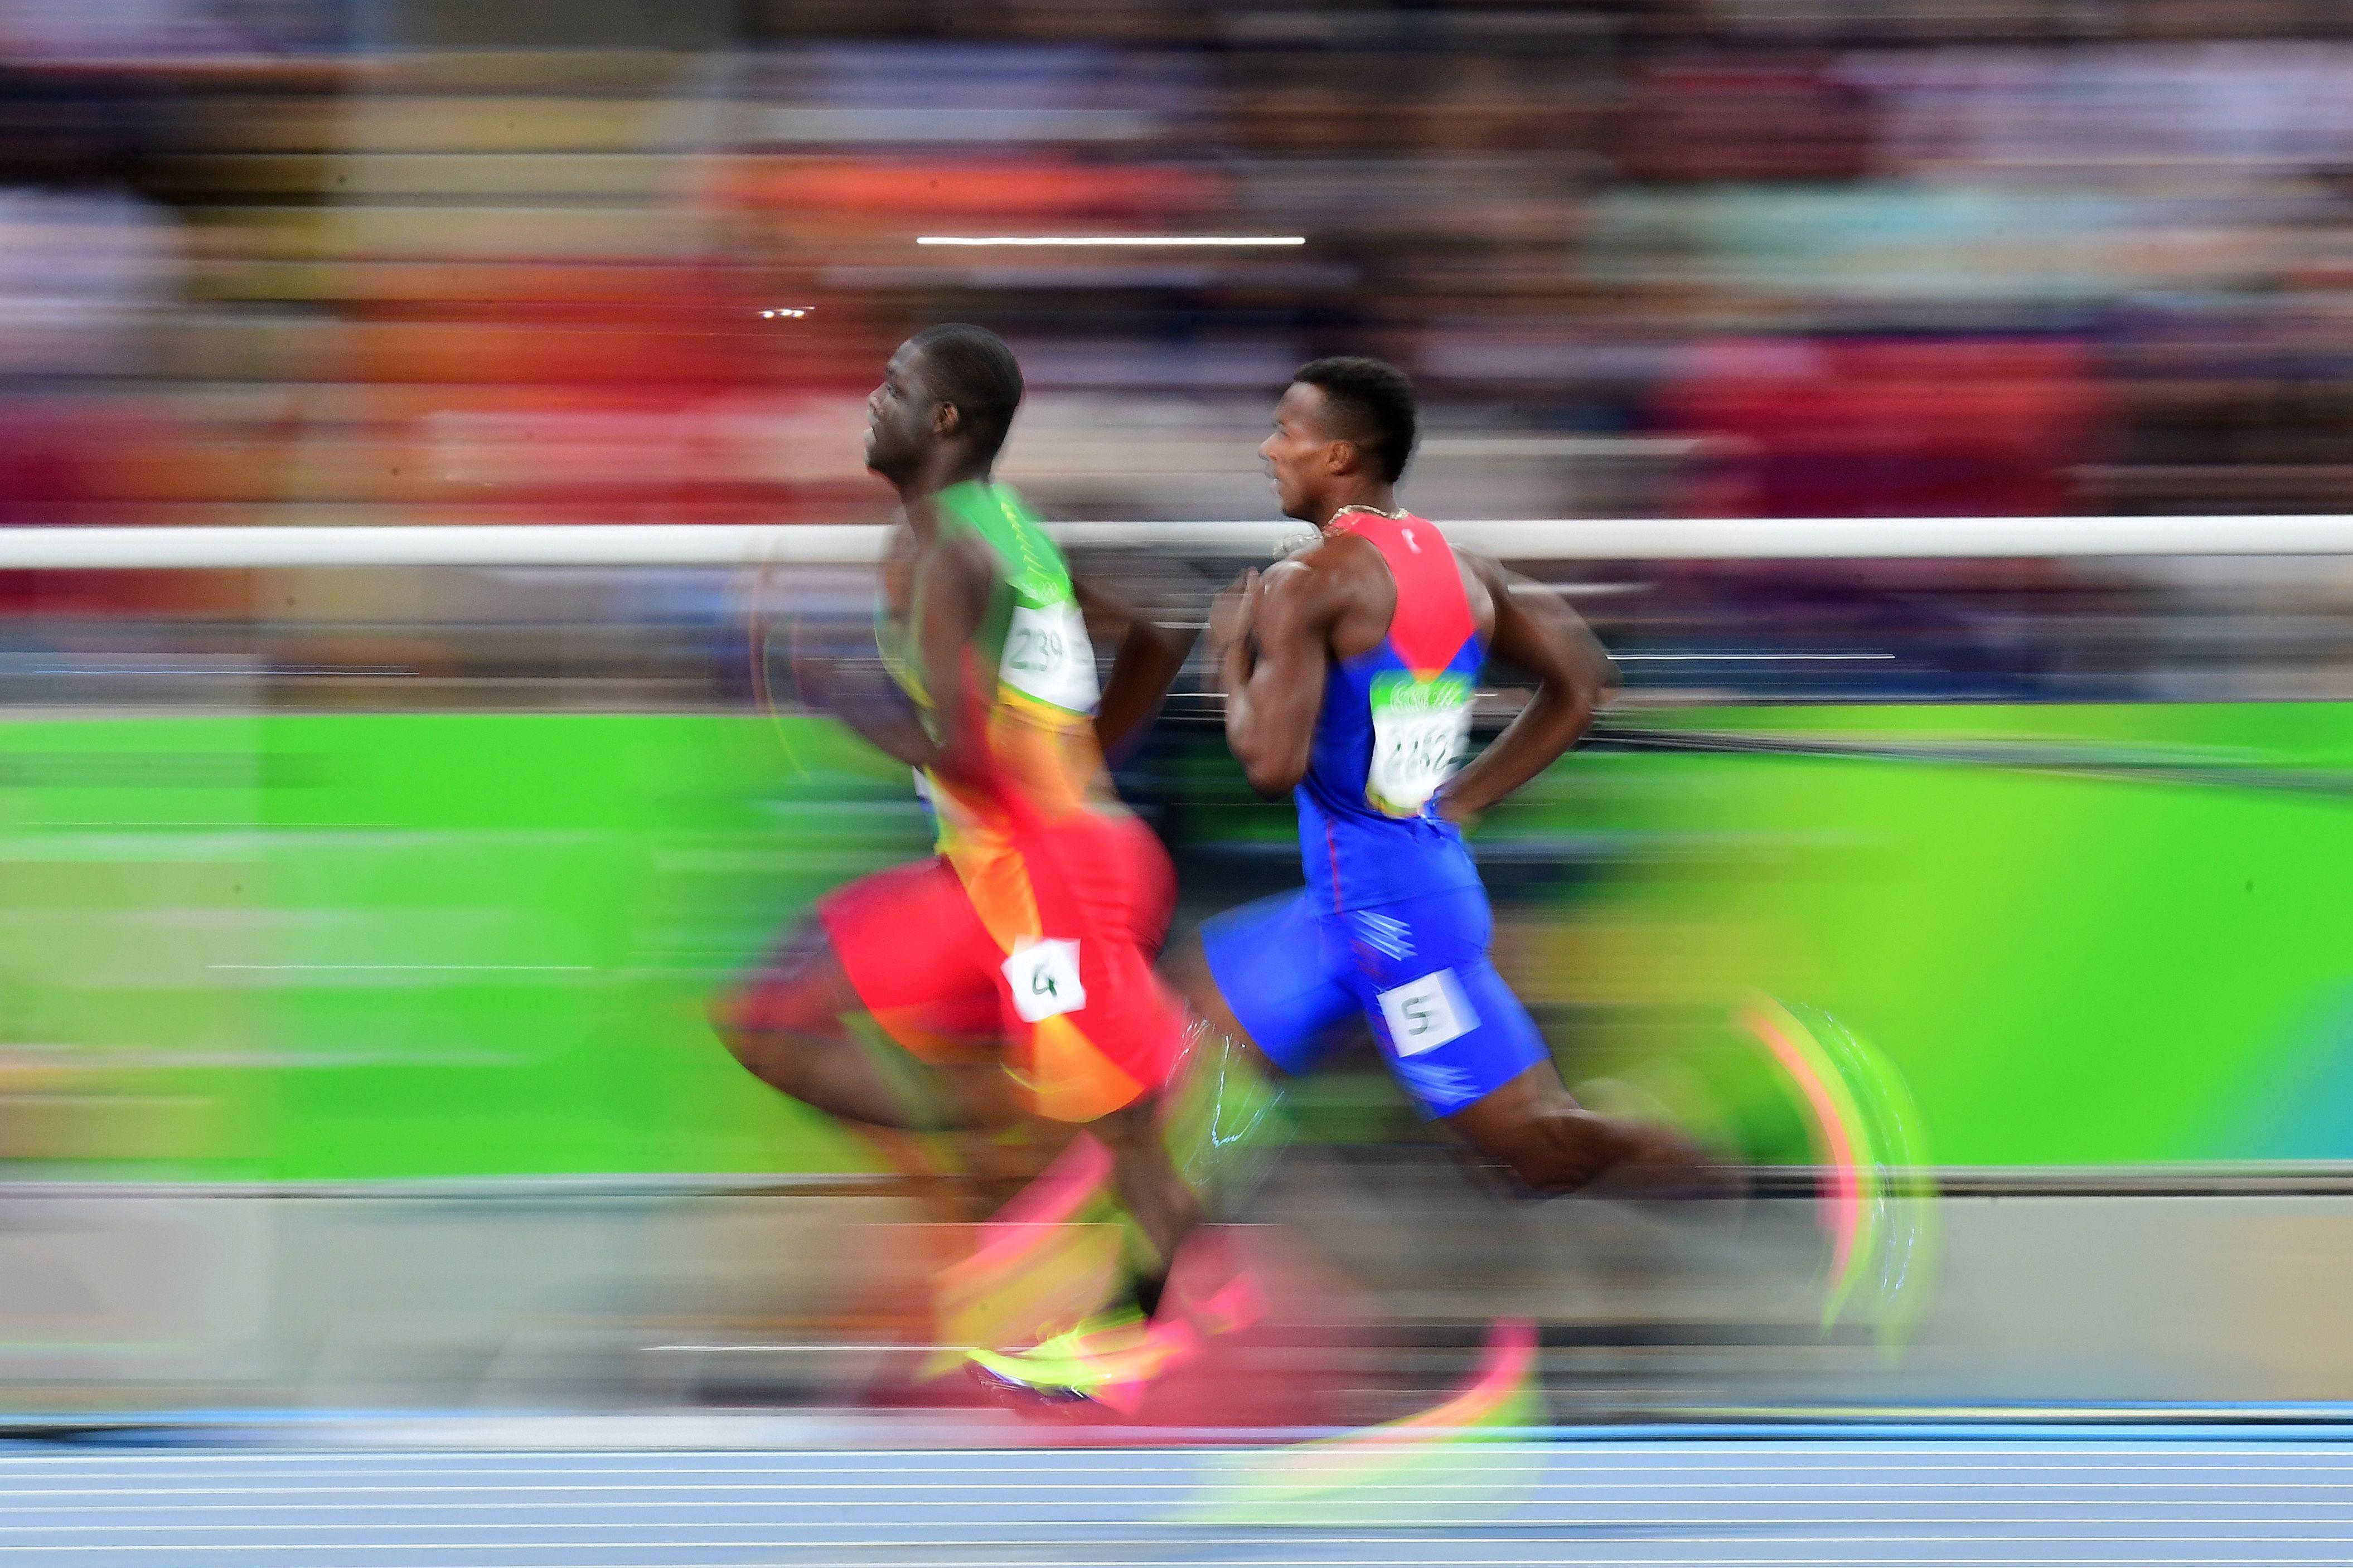 Las fotos más impactantes de los Juegos Olímpicos Río 2016